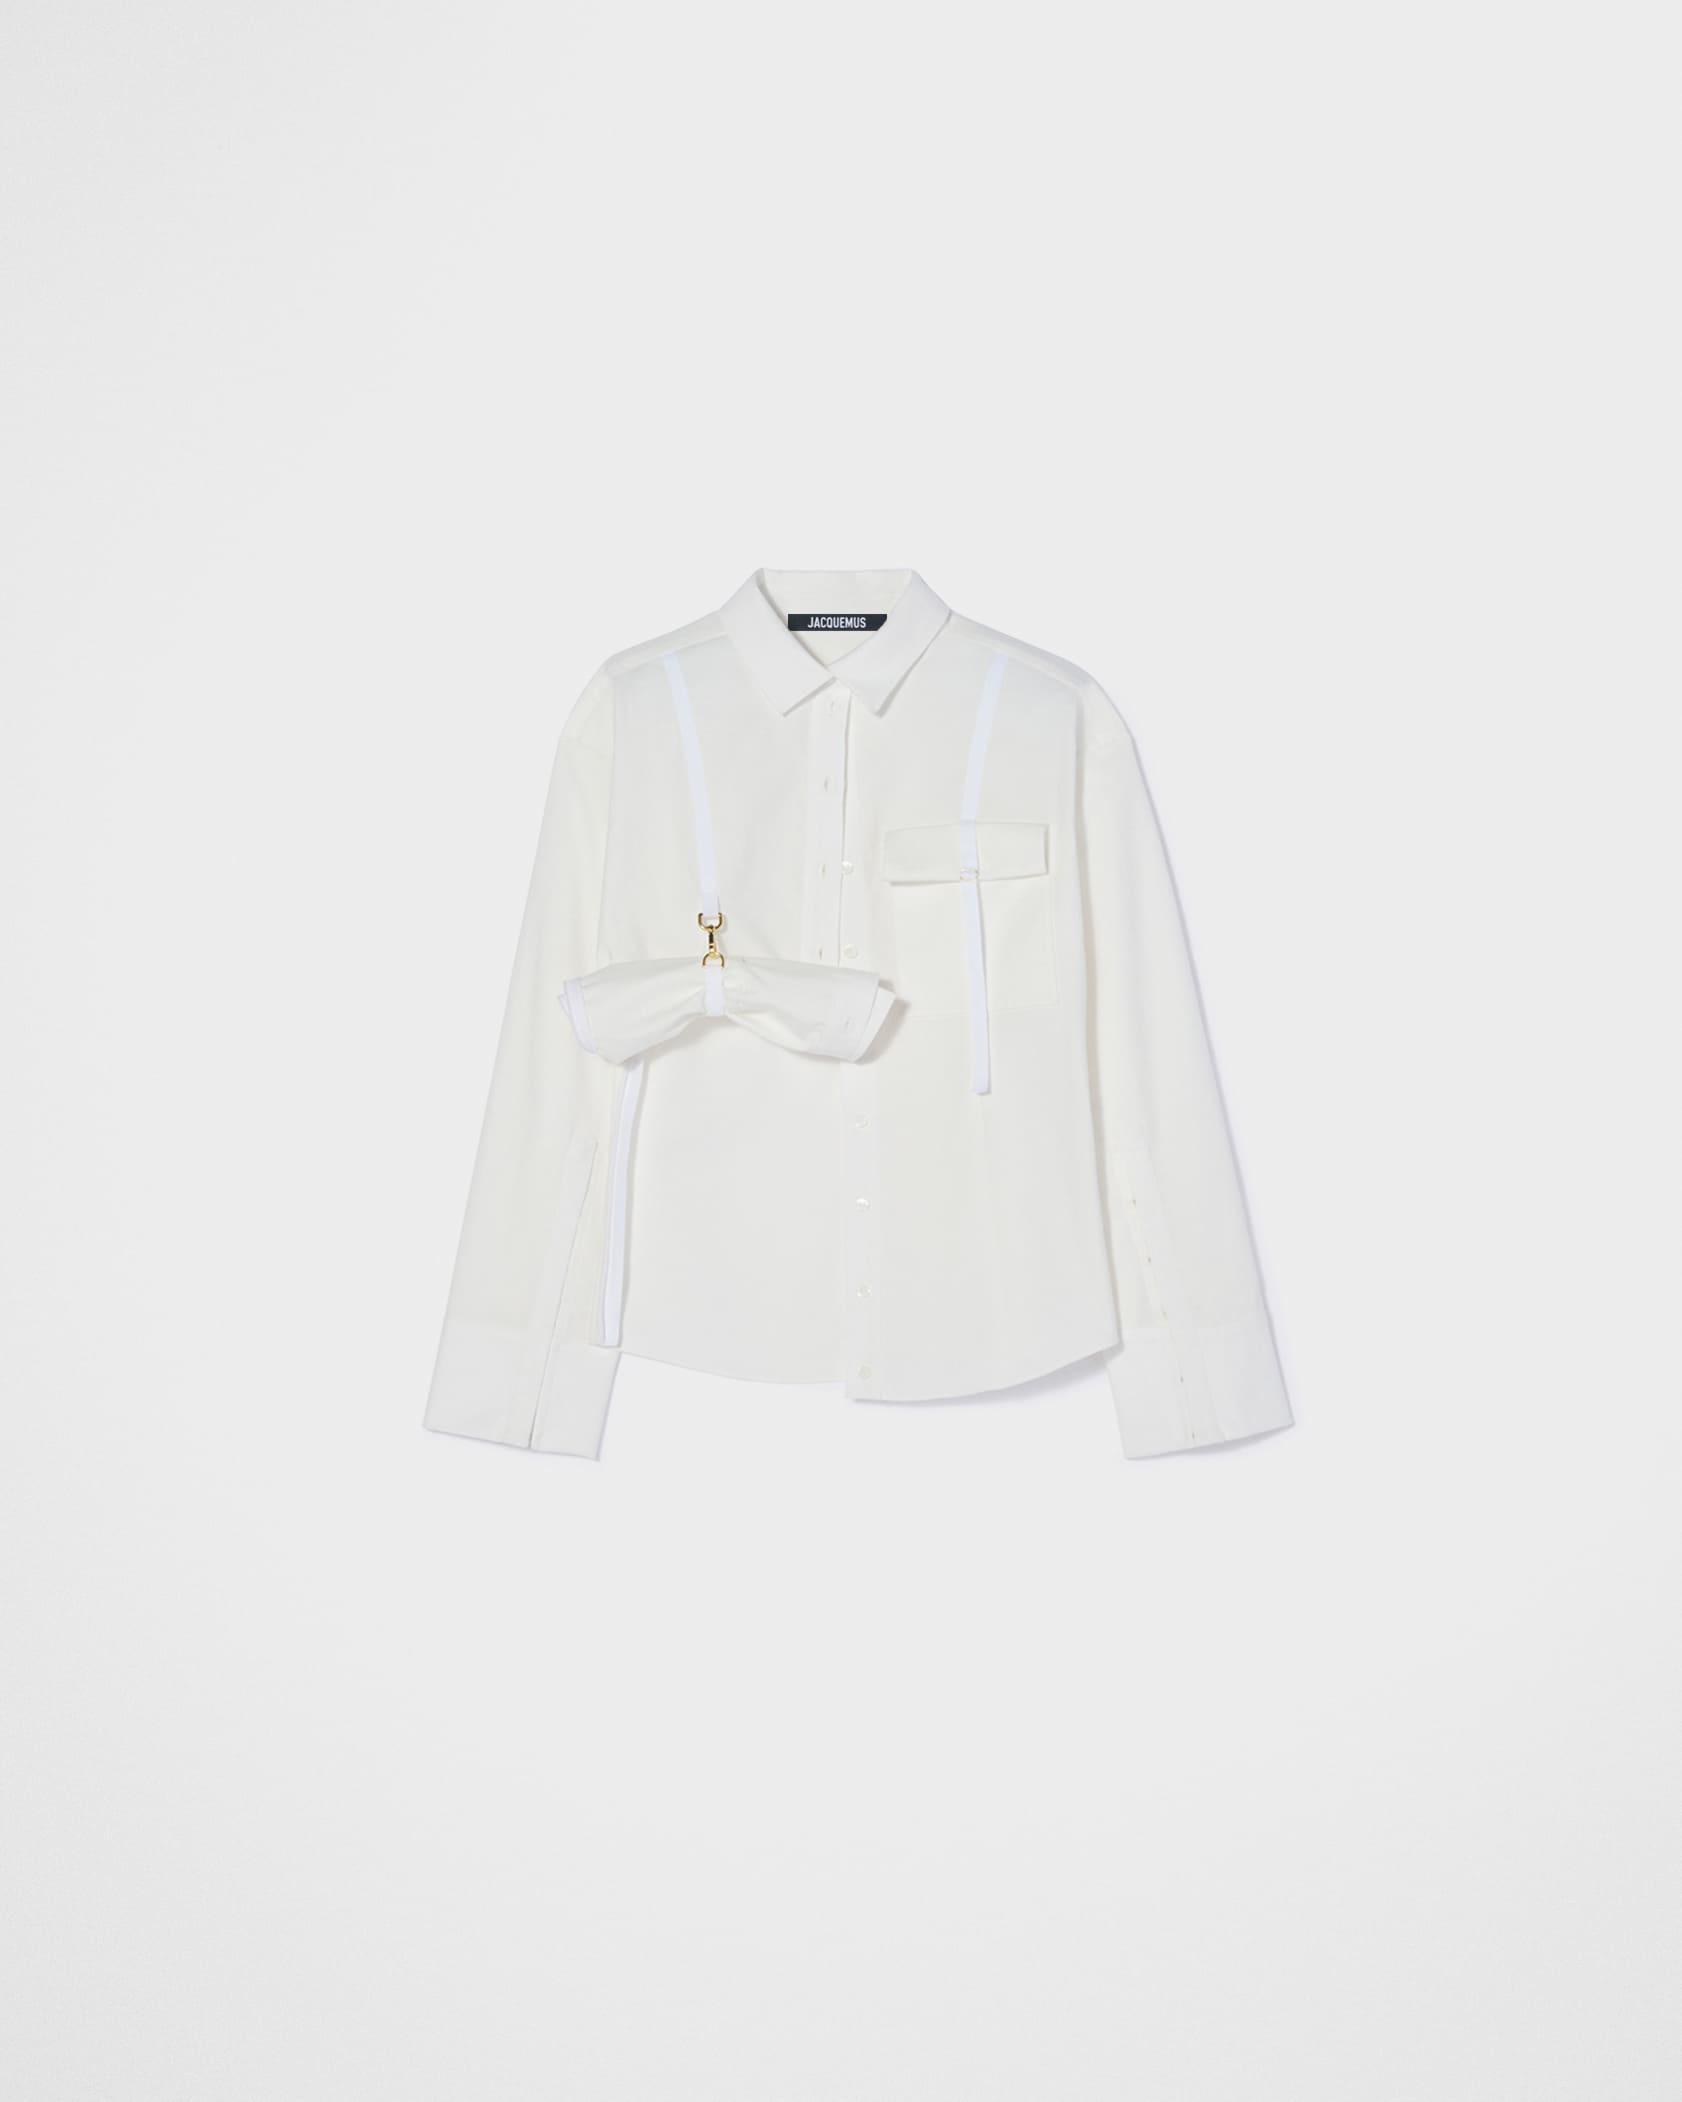 La chemise Edolo